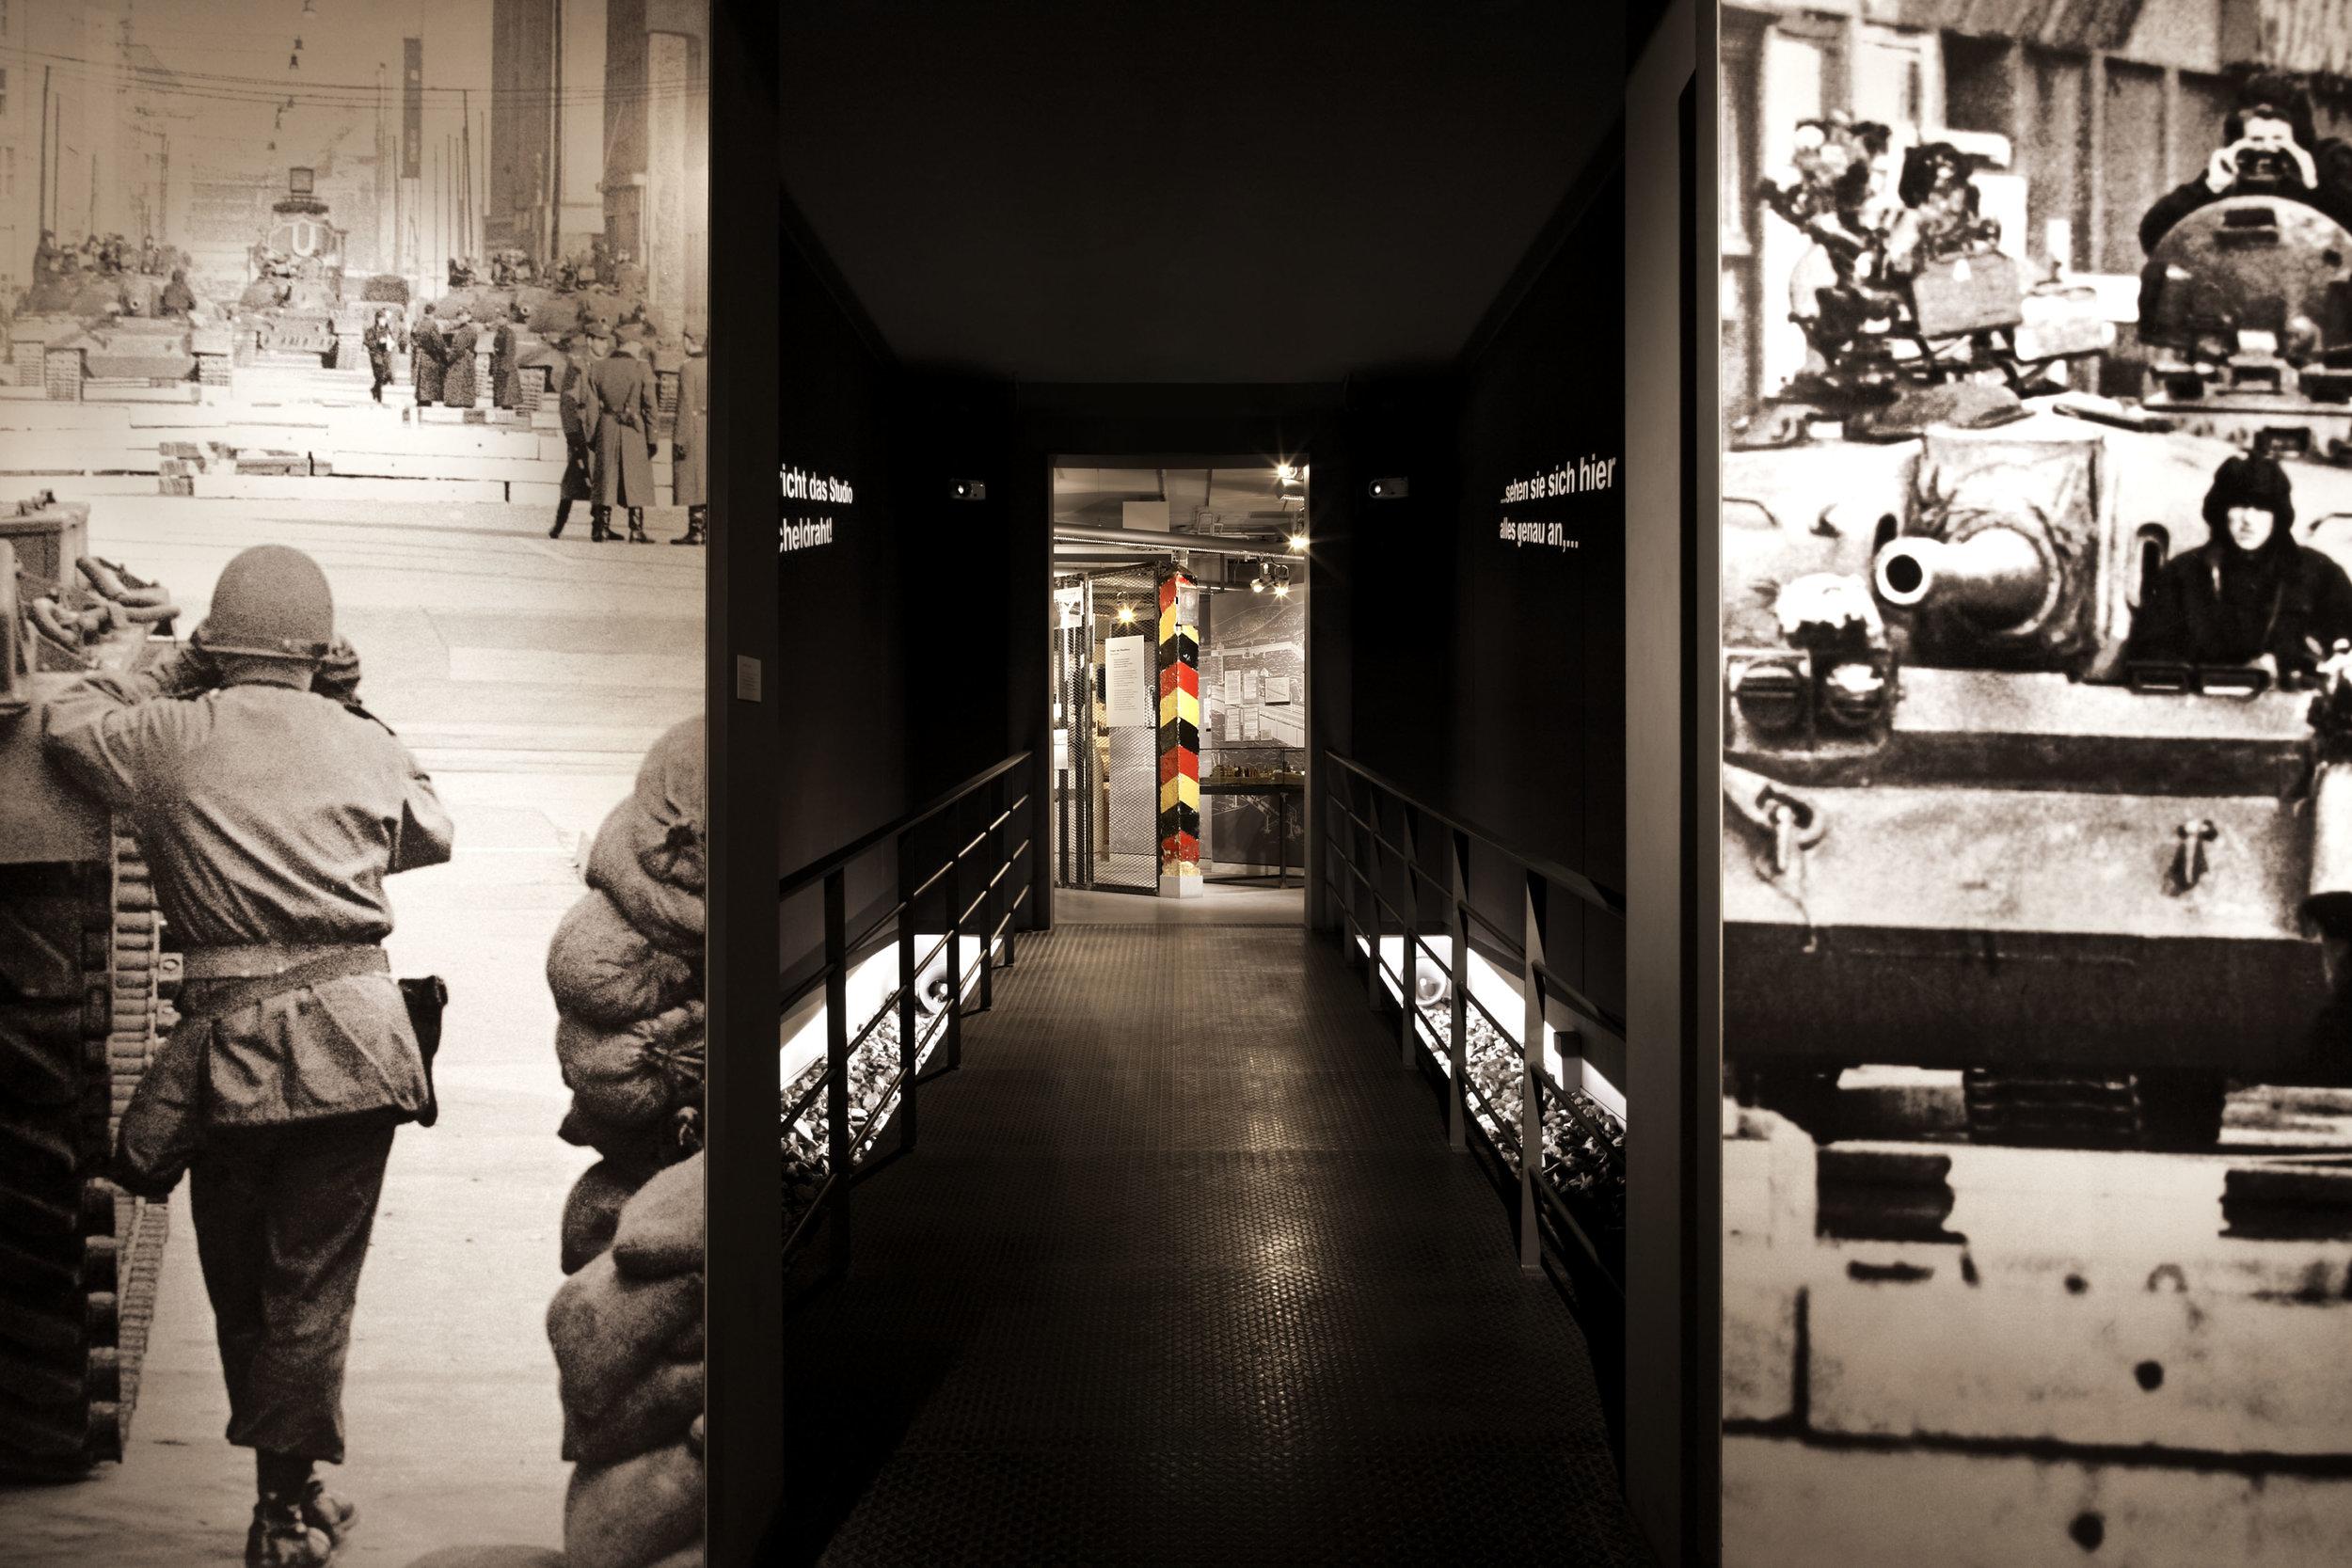 zeitgeschichtliches-forum-leipzig_museum-exhibition-design_coordination-berlin_09.jpg